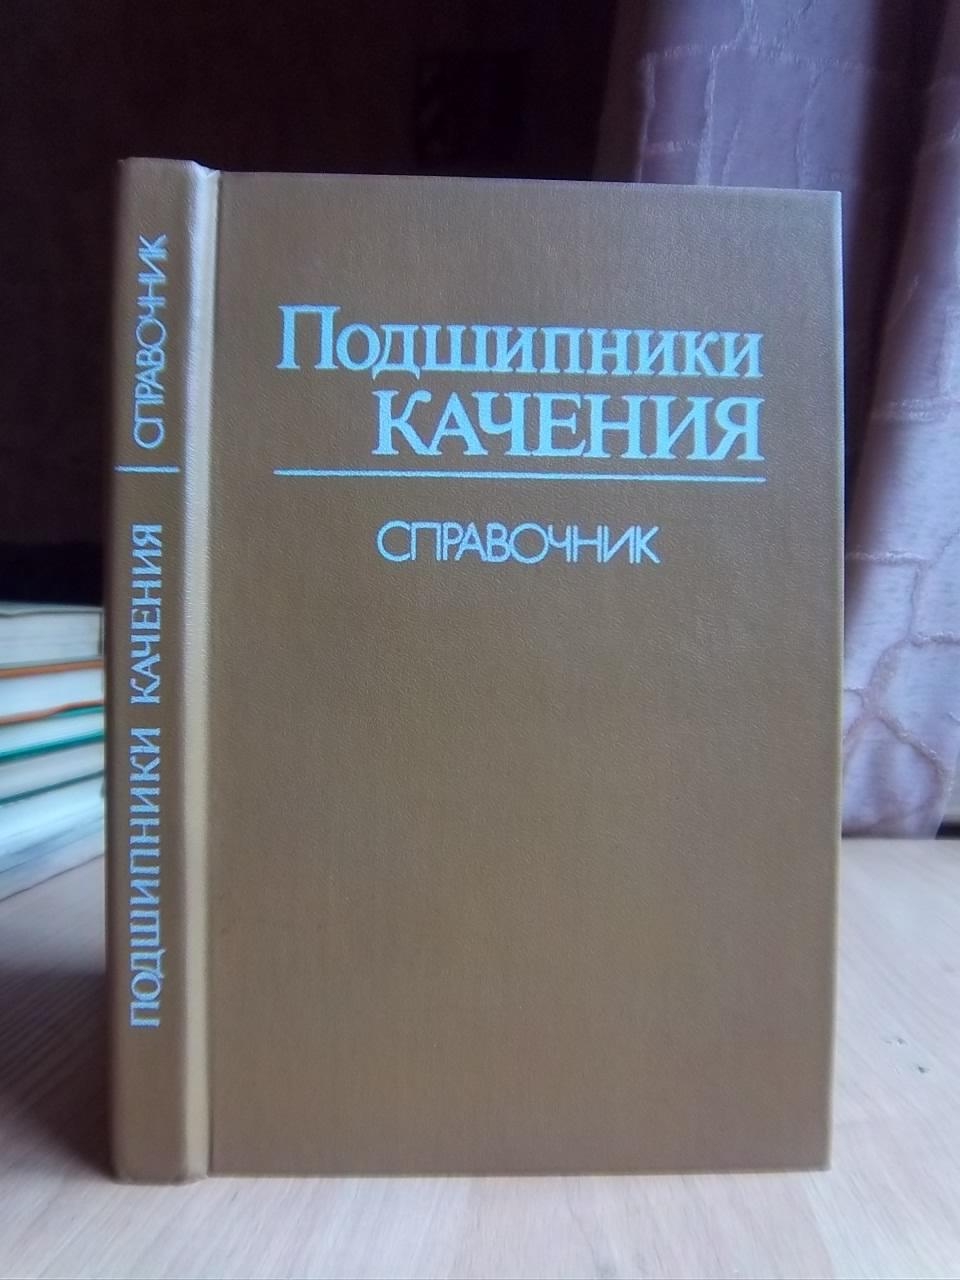 Подшипники качения Справочник-каталог